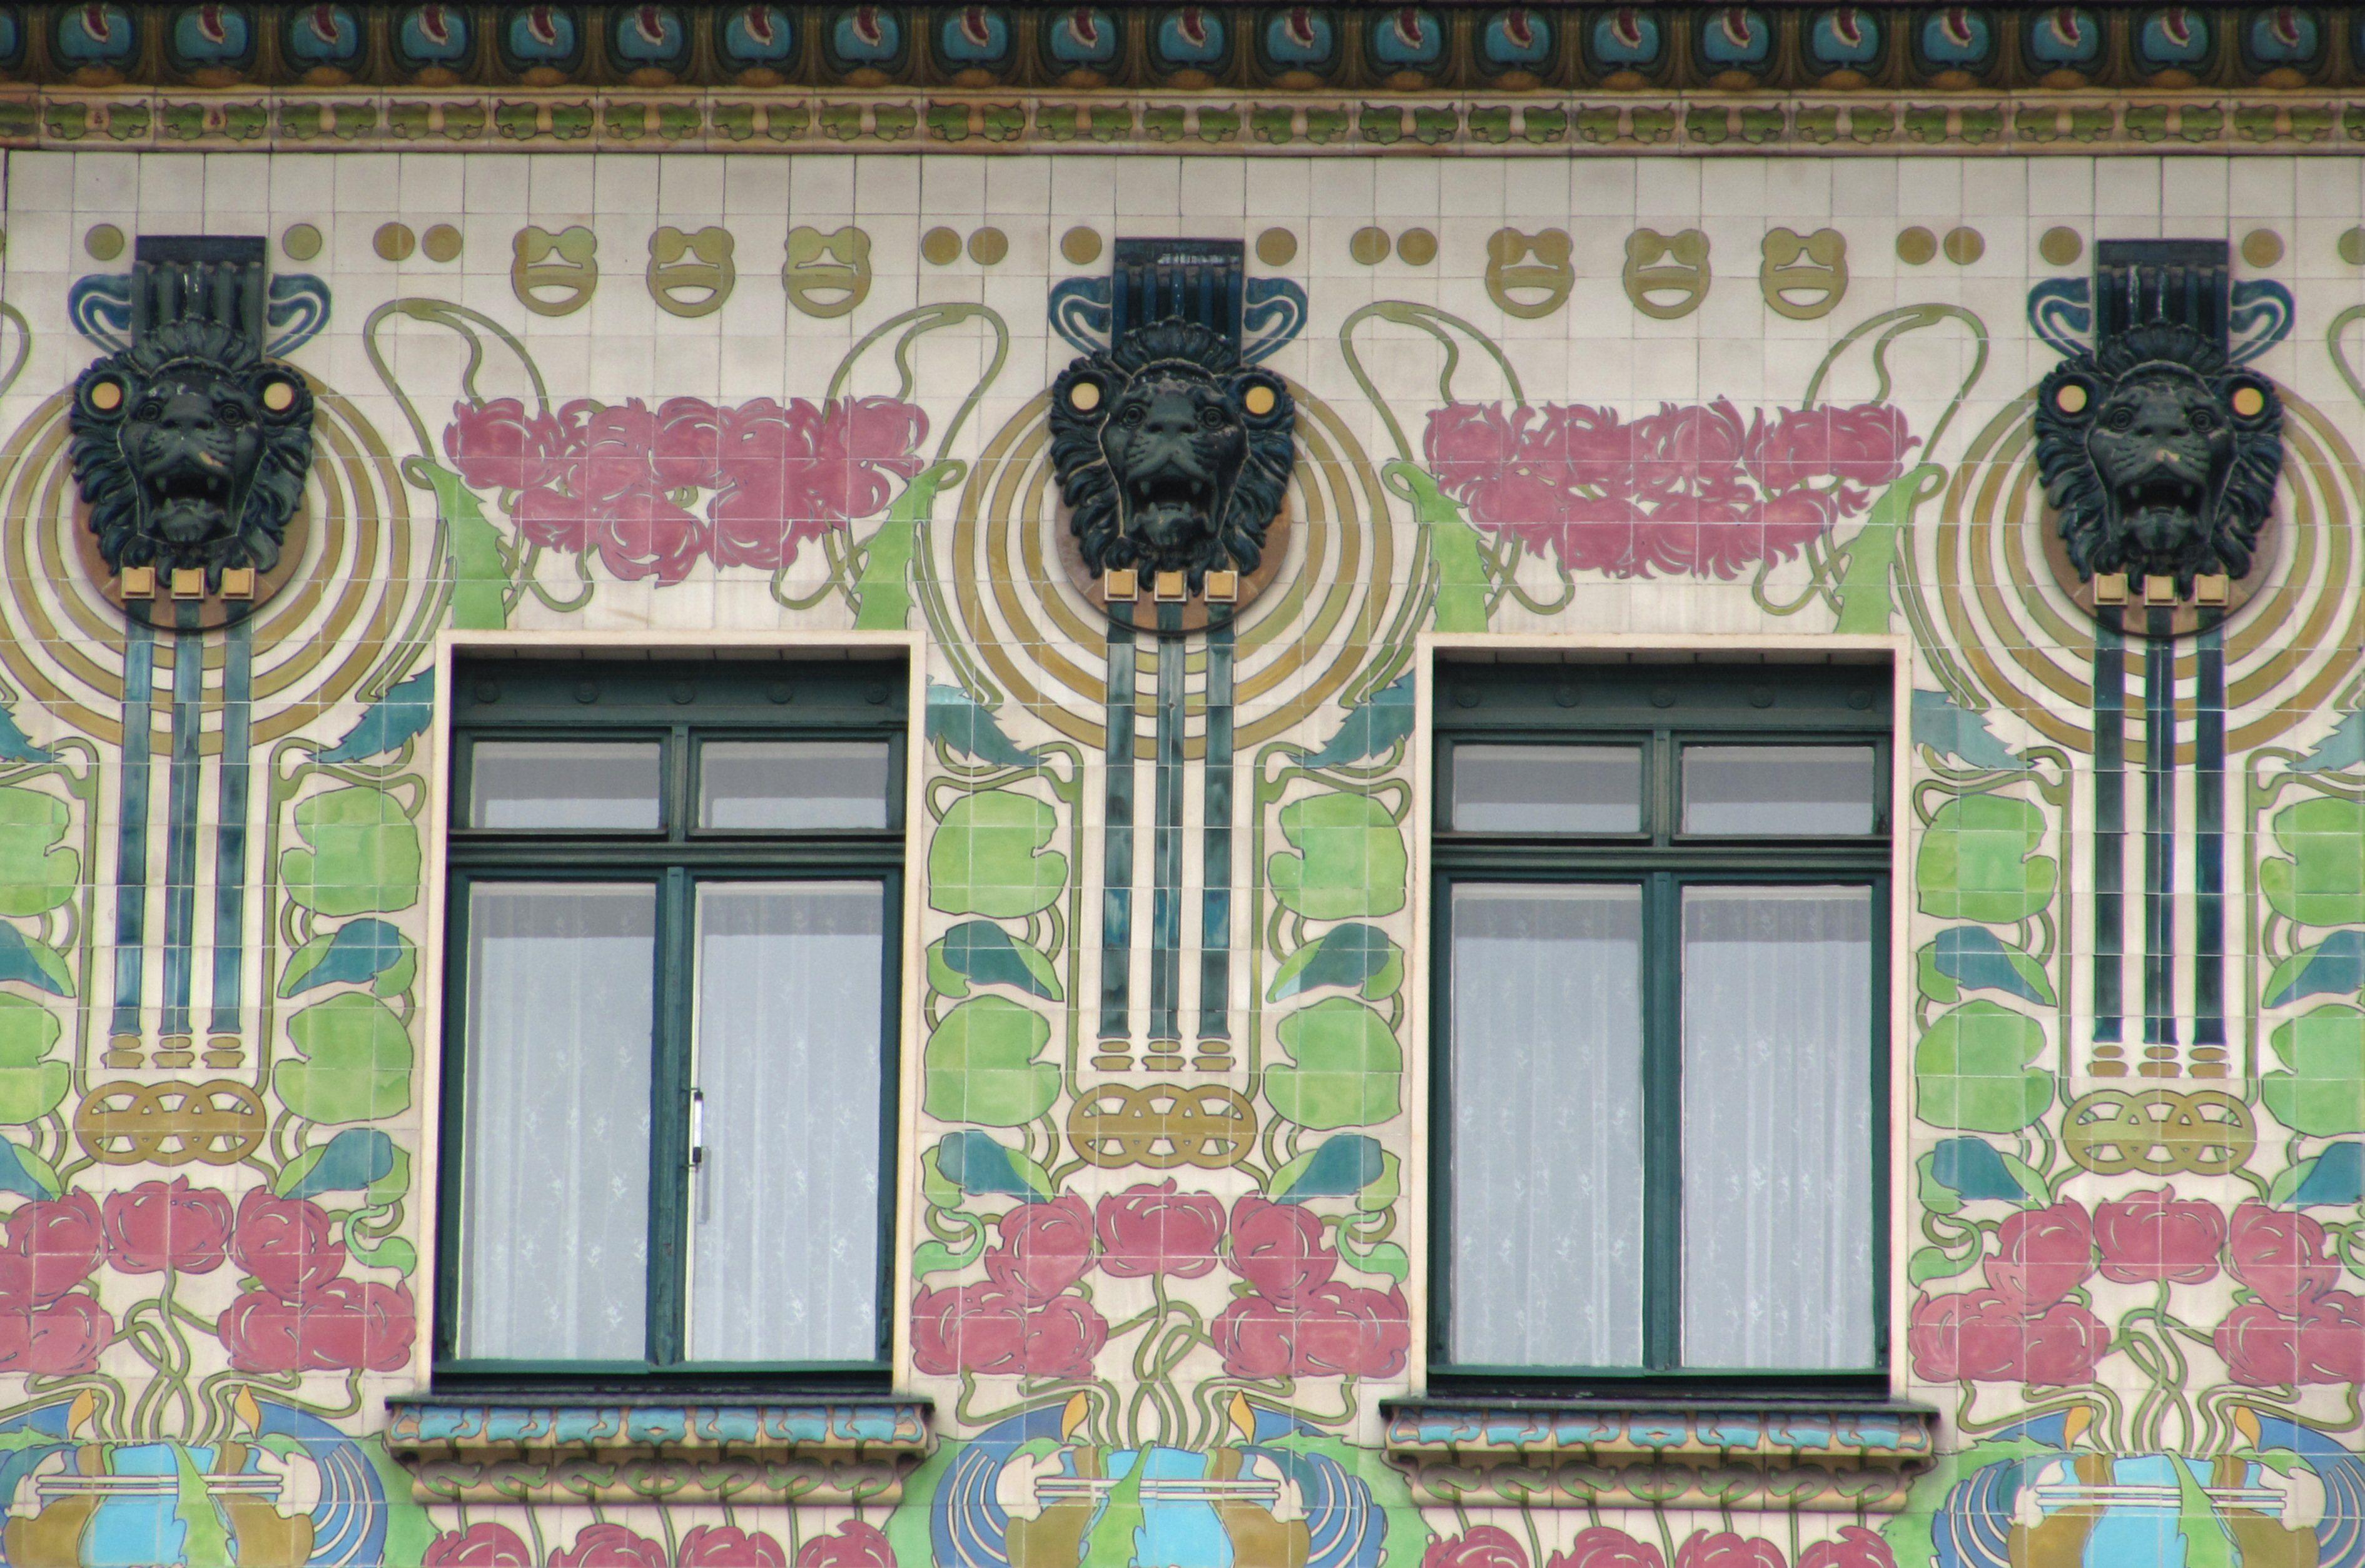 Viennese art nouveau by otto wagner - Art nouveau architecture de barcelone revisitee ...